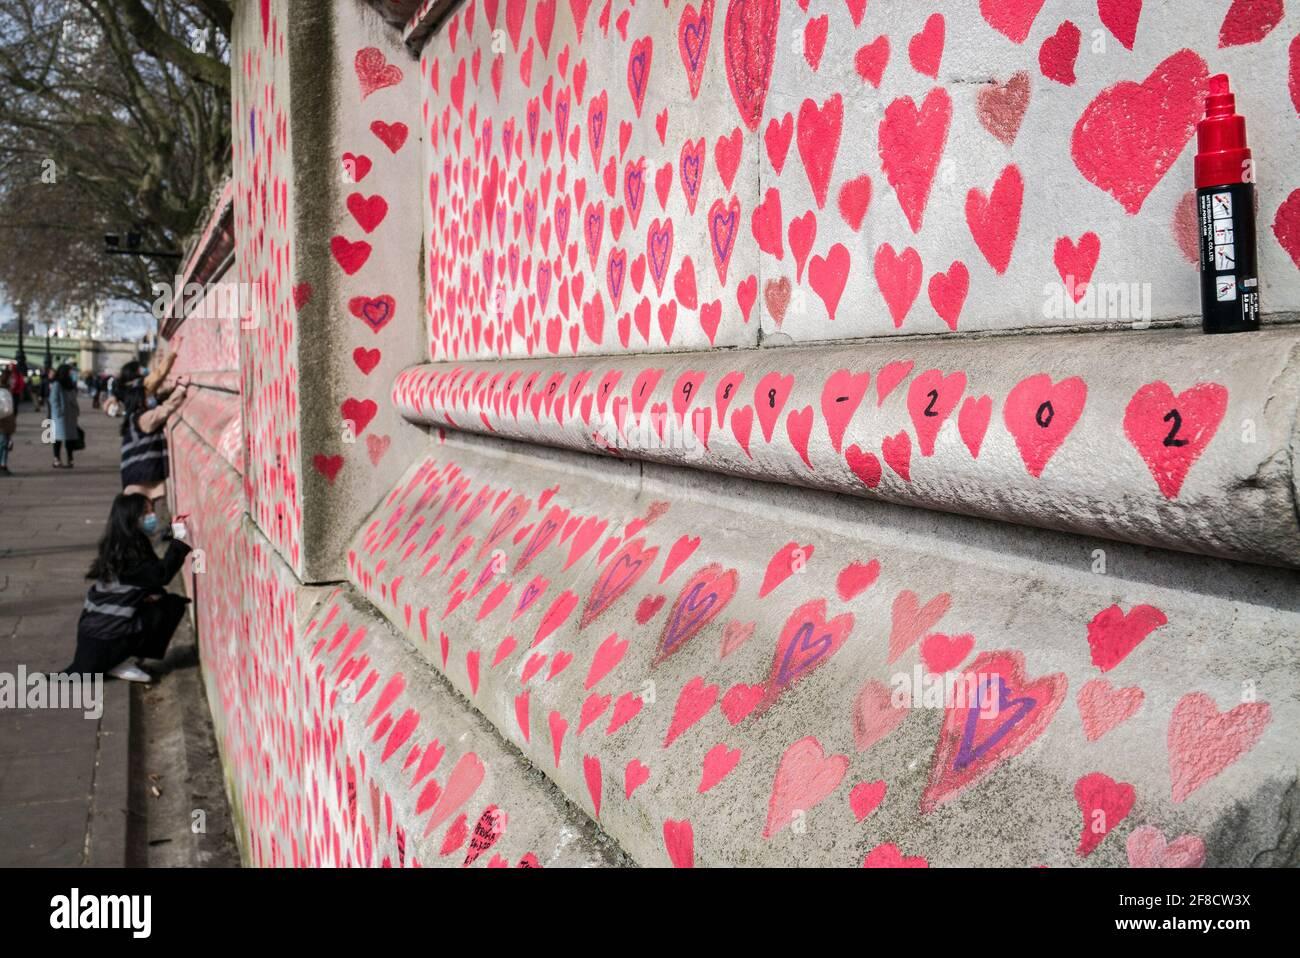 Mur national du Covid, 150,000 coeurs peints sur le mur en face des chambres du Parlement comme un mémorial pour ceux qui sont morts du coronavirus Banque D'Images